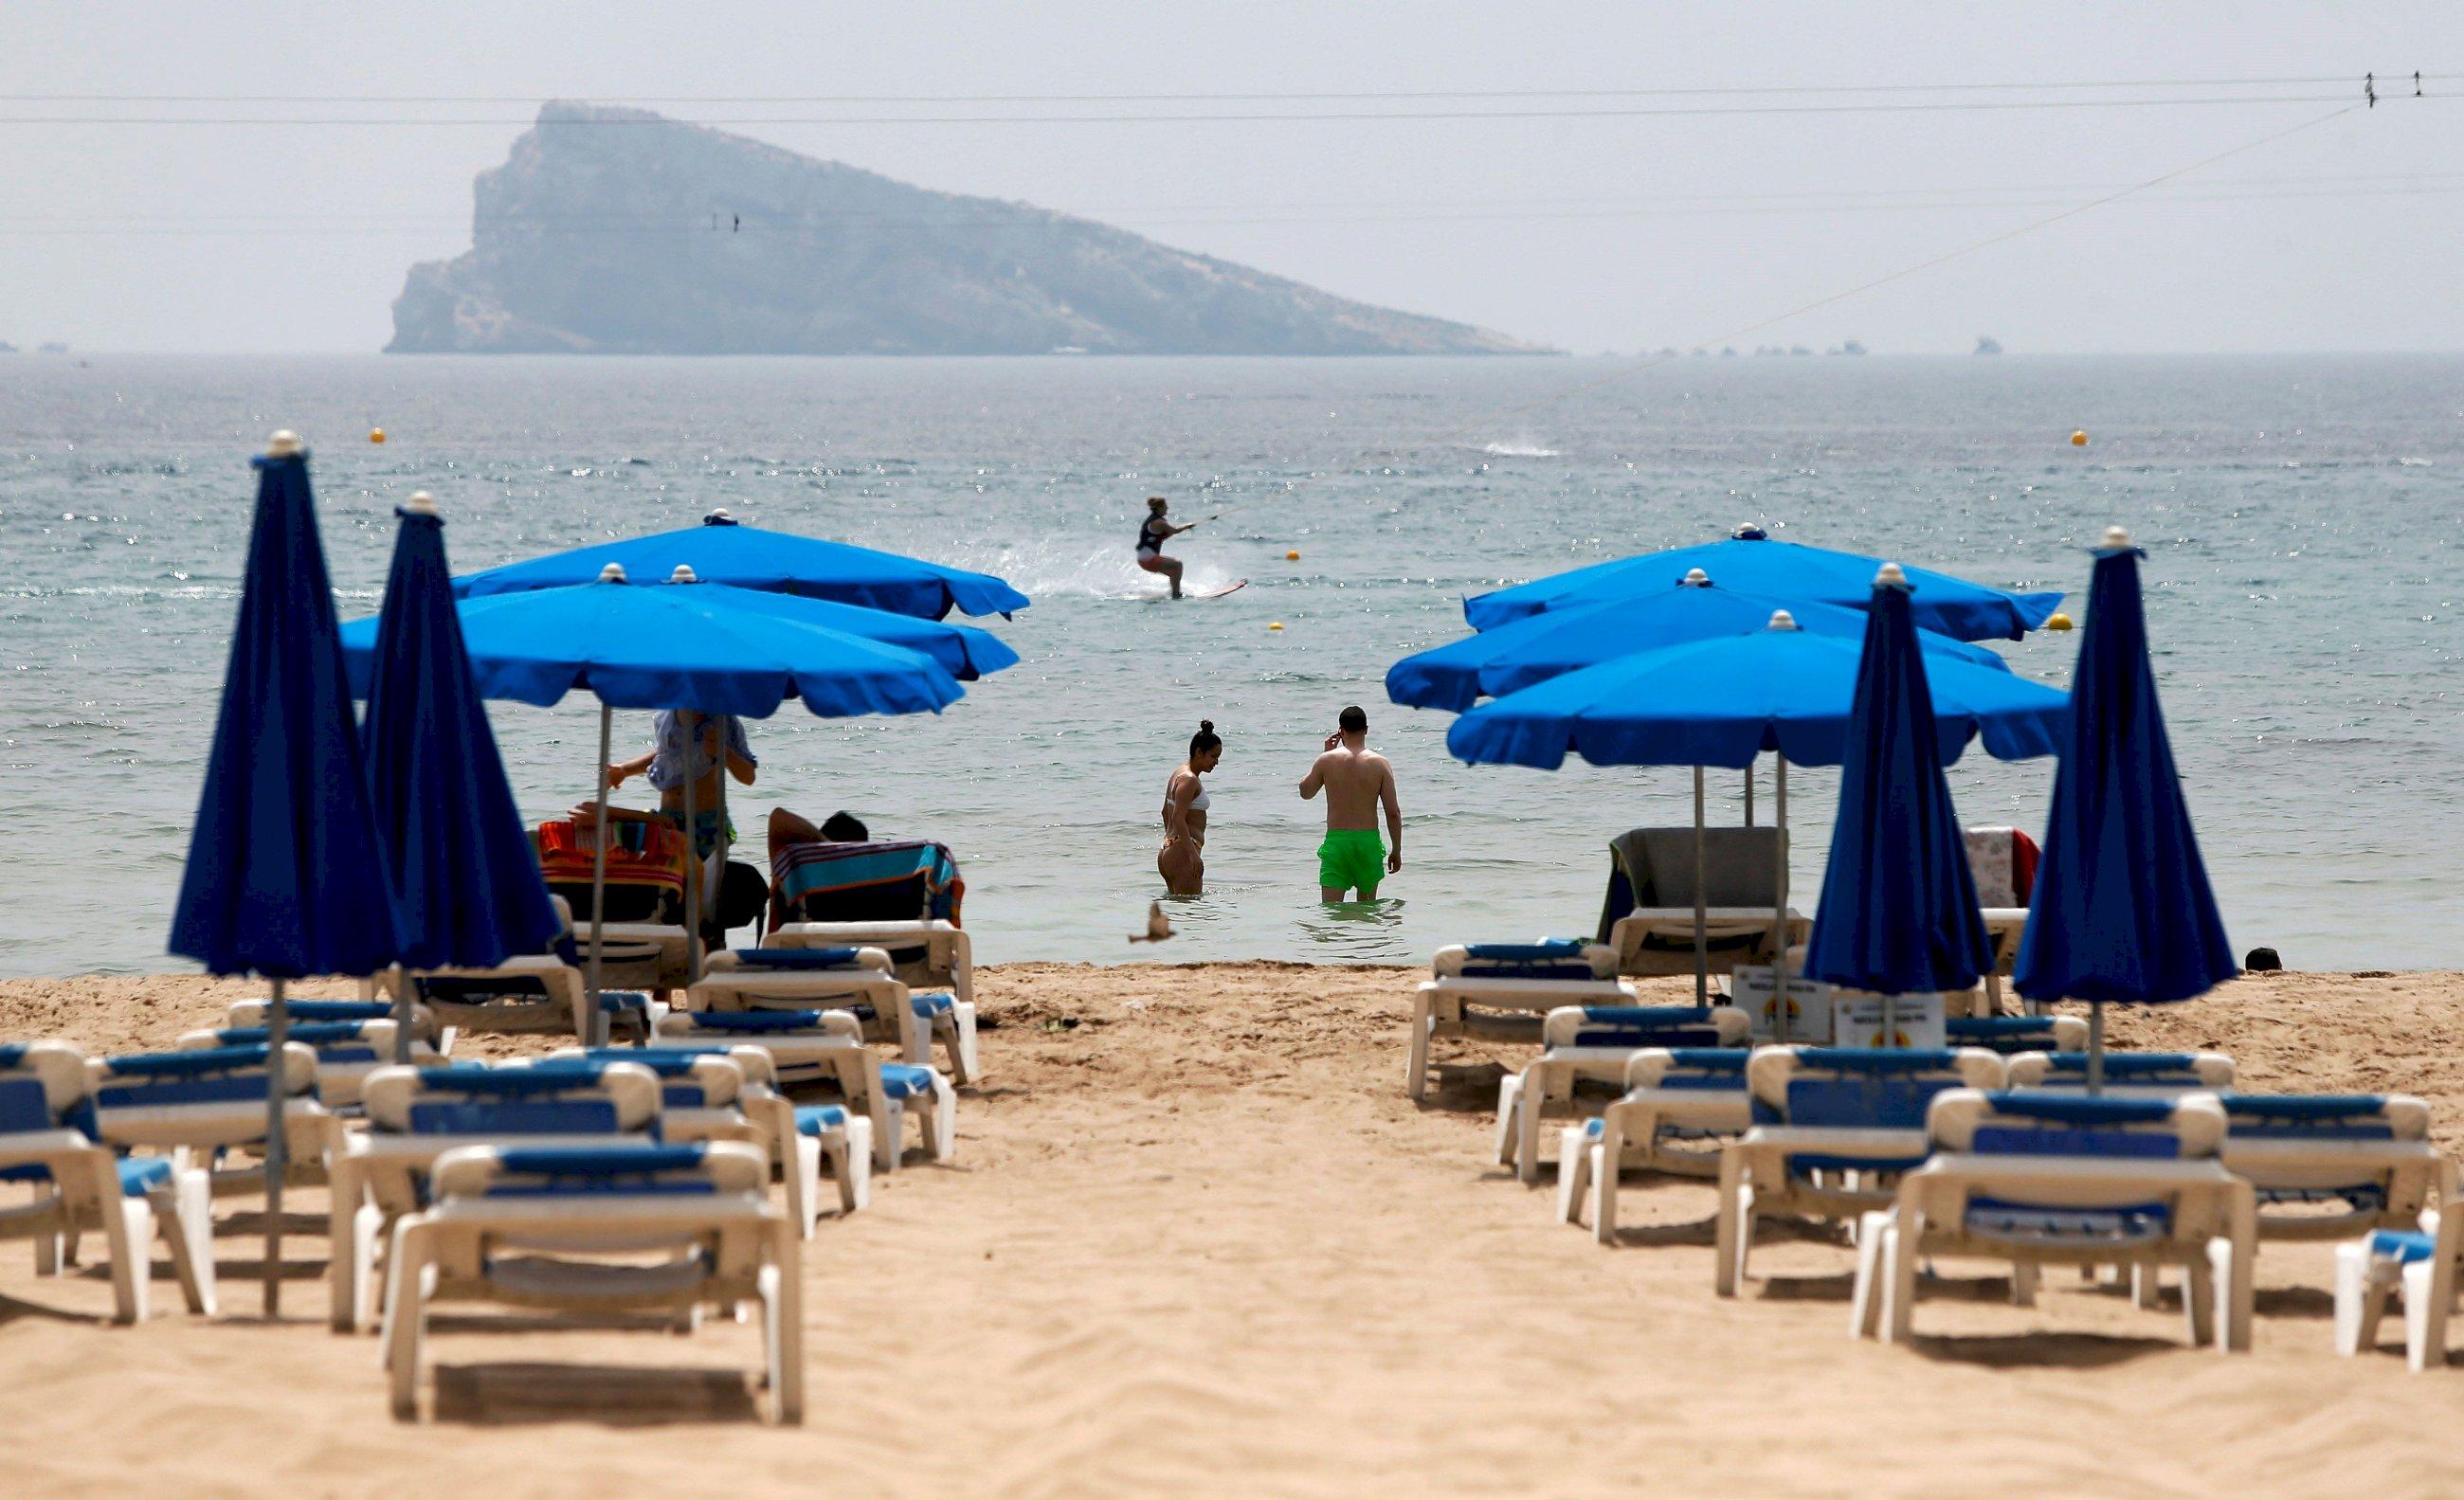 Hamacas vacías en la playa de Benidorm, una de las zonas más afectadas por la caída del turismo internacional| EFE/ML/Archivo